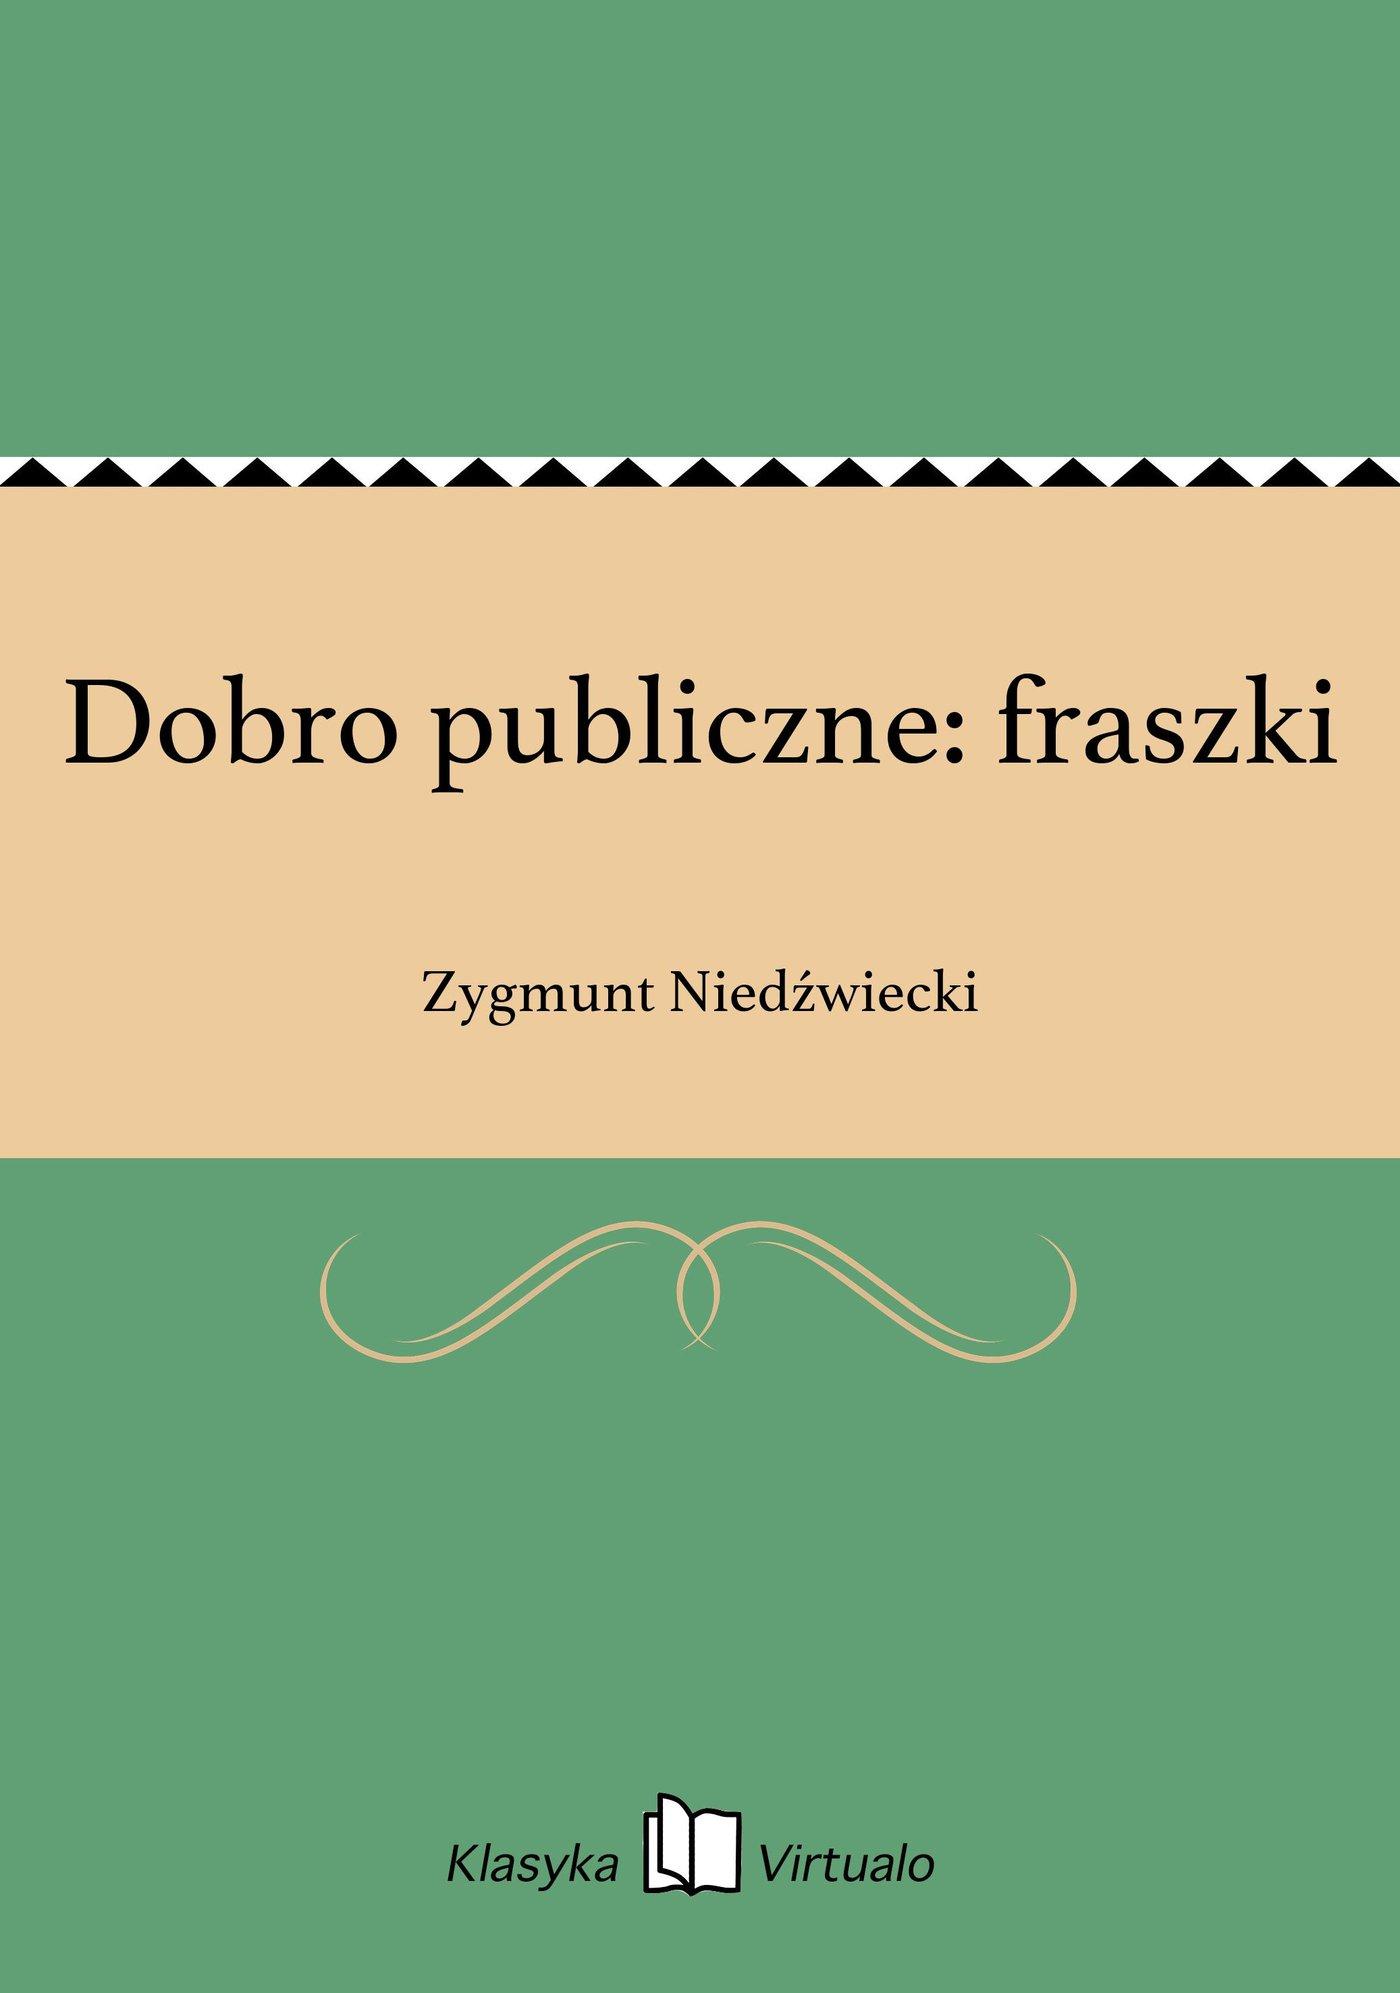 Dobro publiczne: fraszki - Ebook (Książka EPUB) do pobrania w formacie EPUB